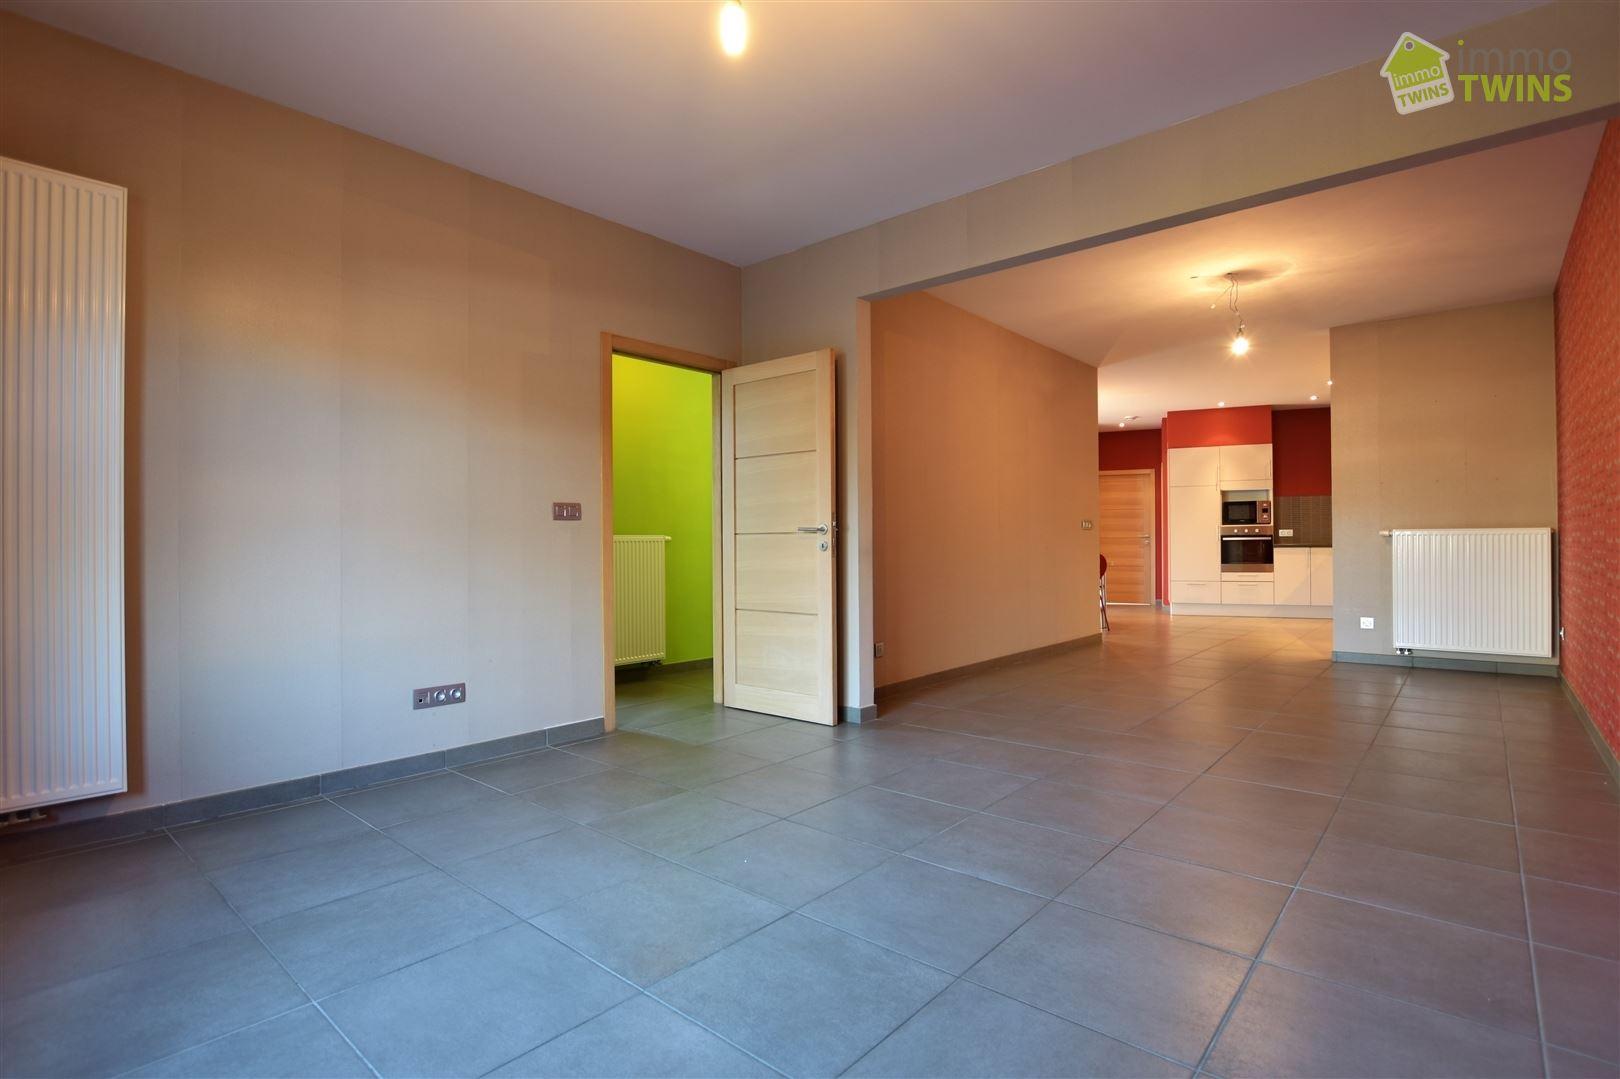 Foto 3 : Woning te 9200 GREMBERGEN (België) - Prijs € 315.000